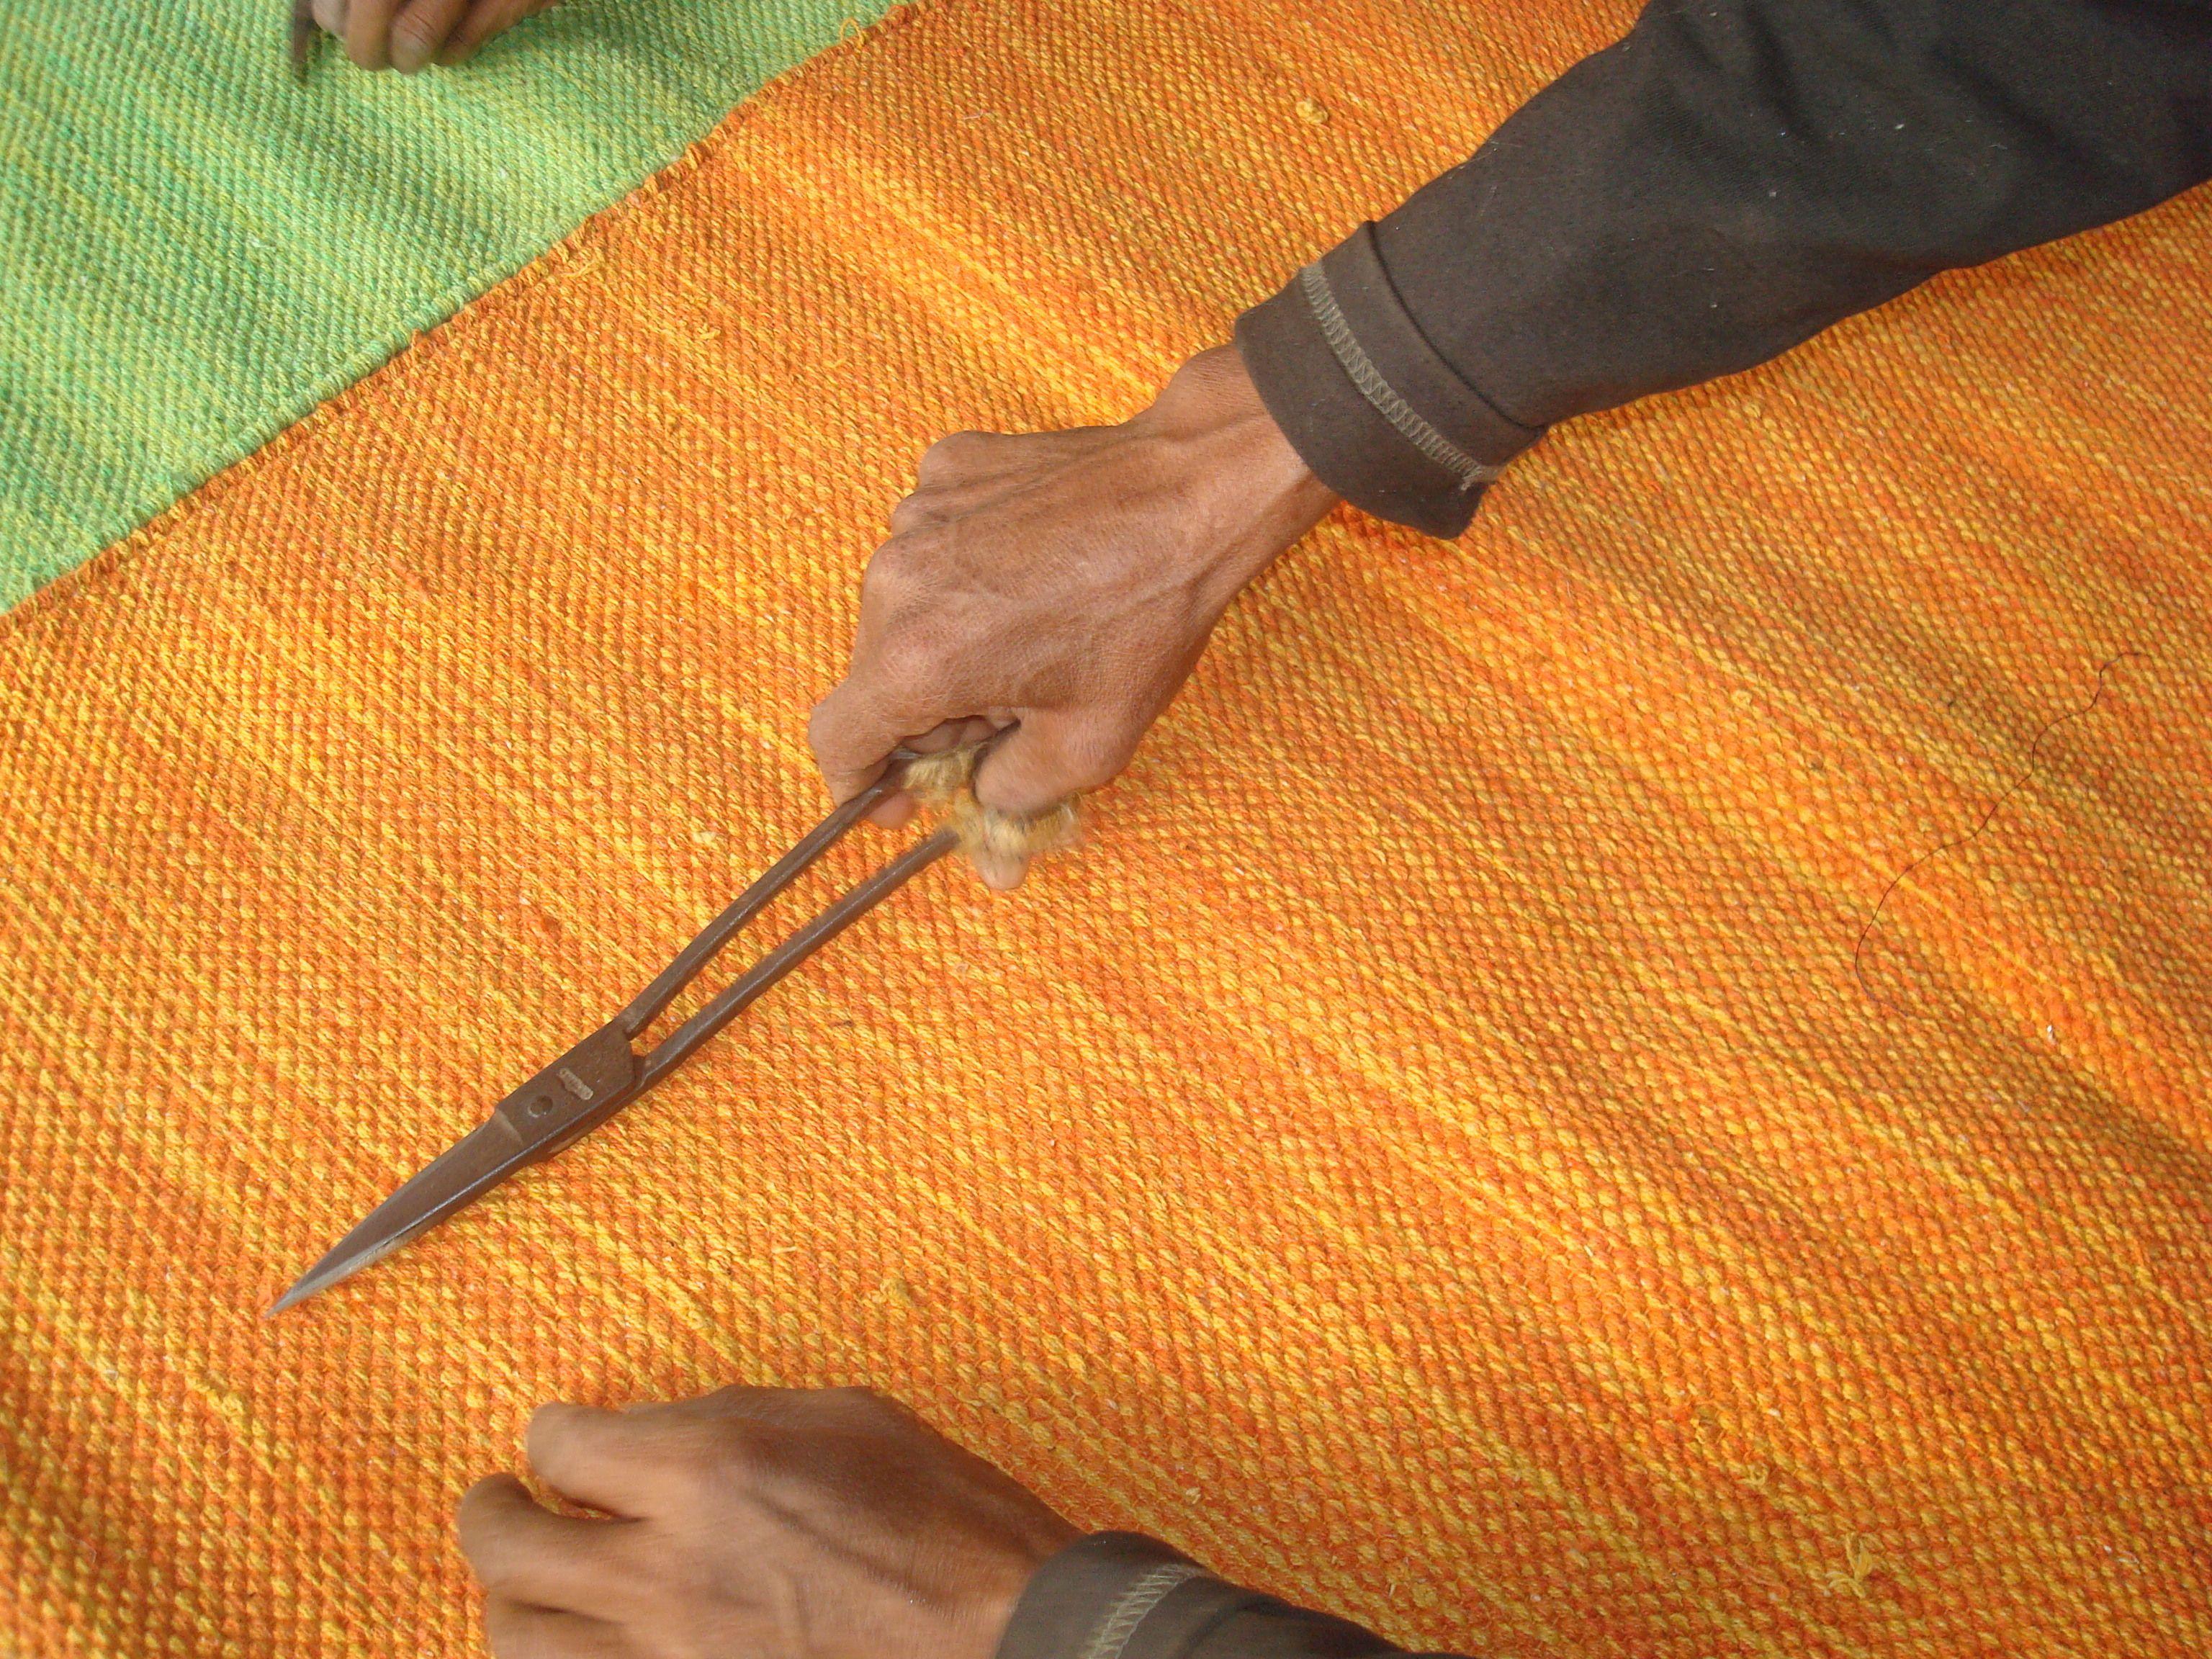 Skilled hands making a fire mat